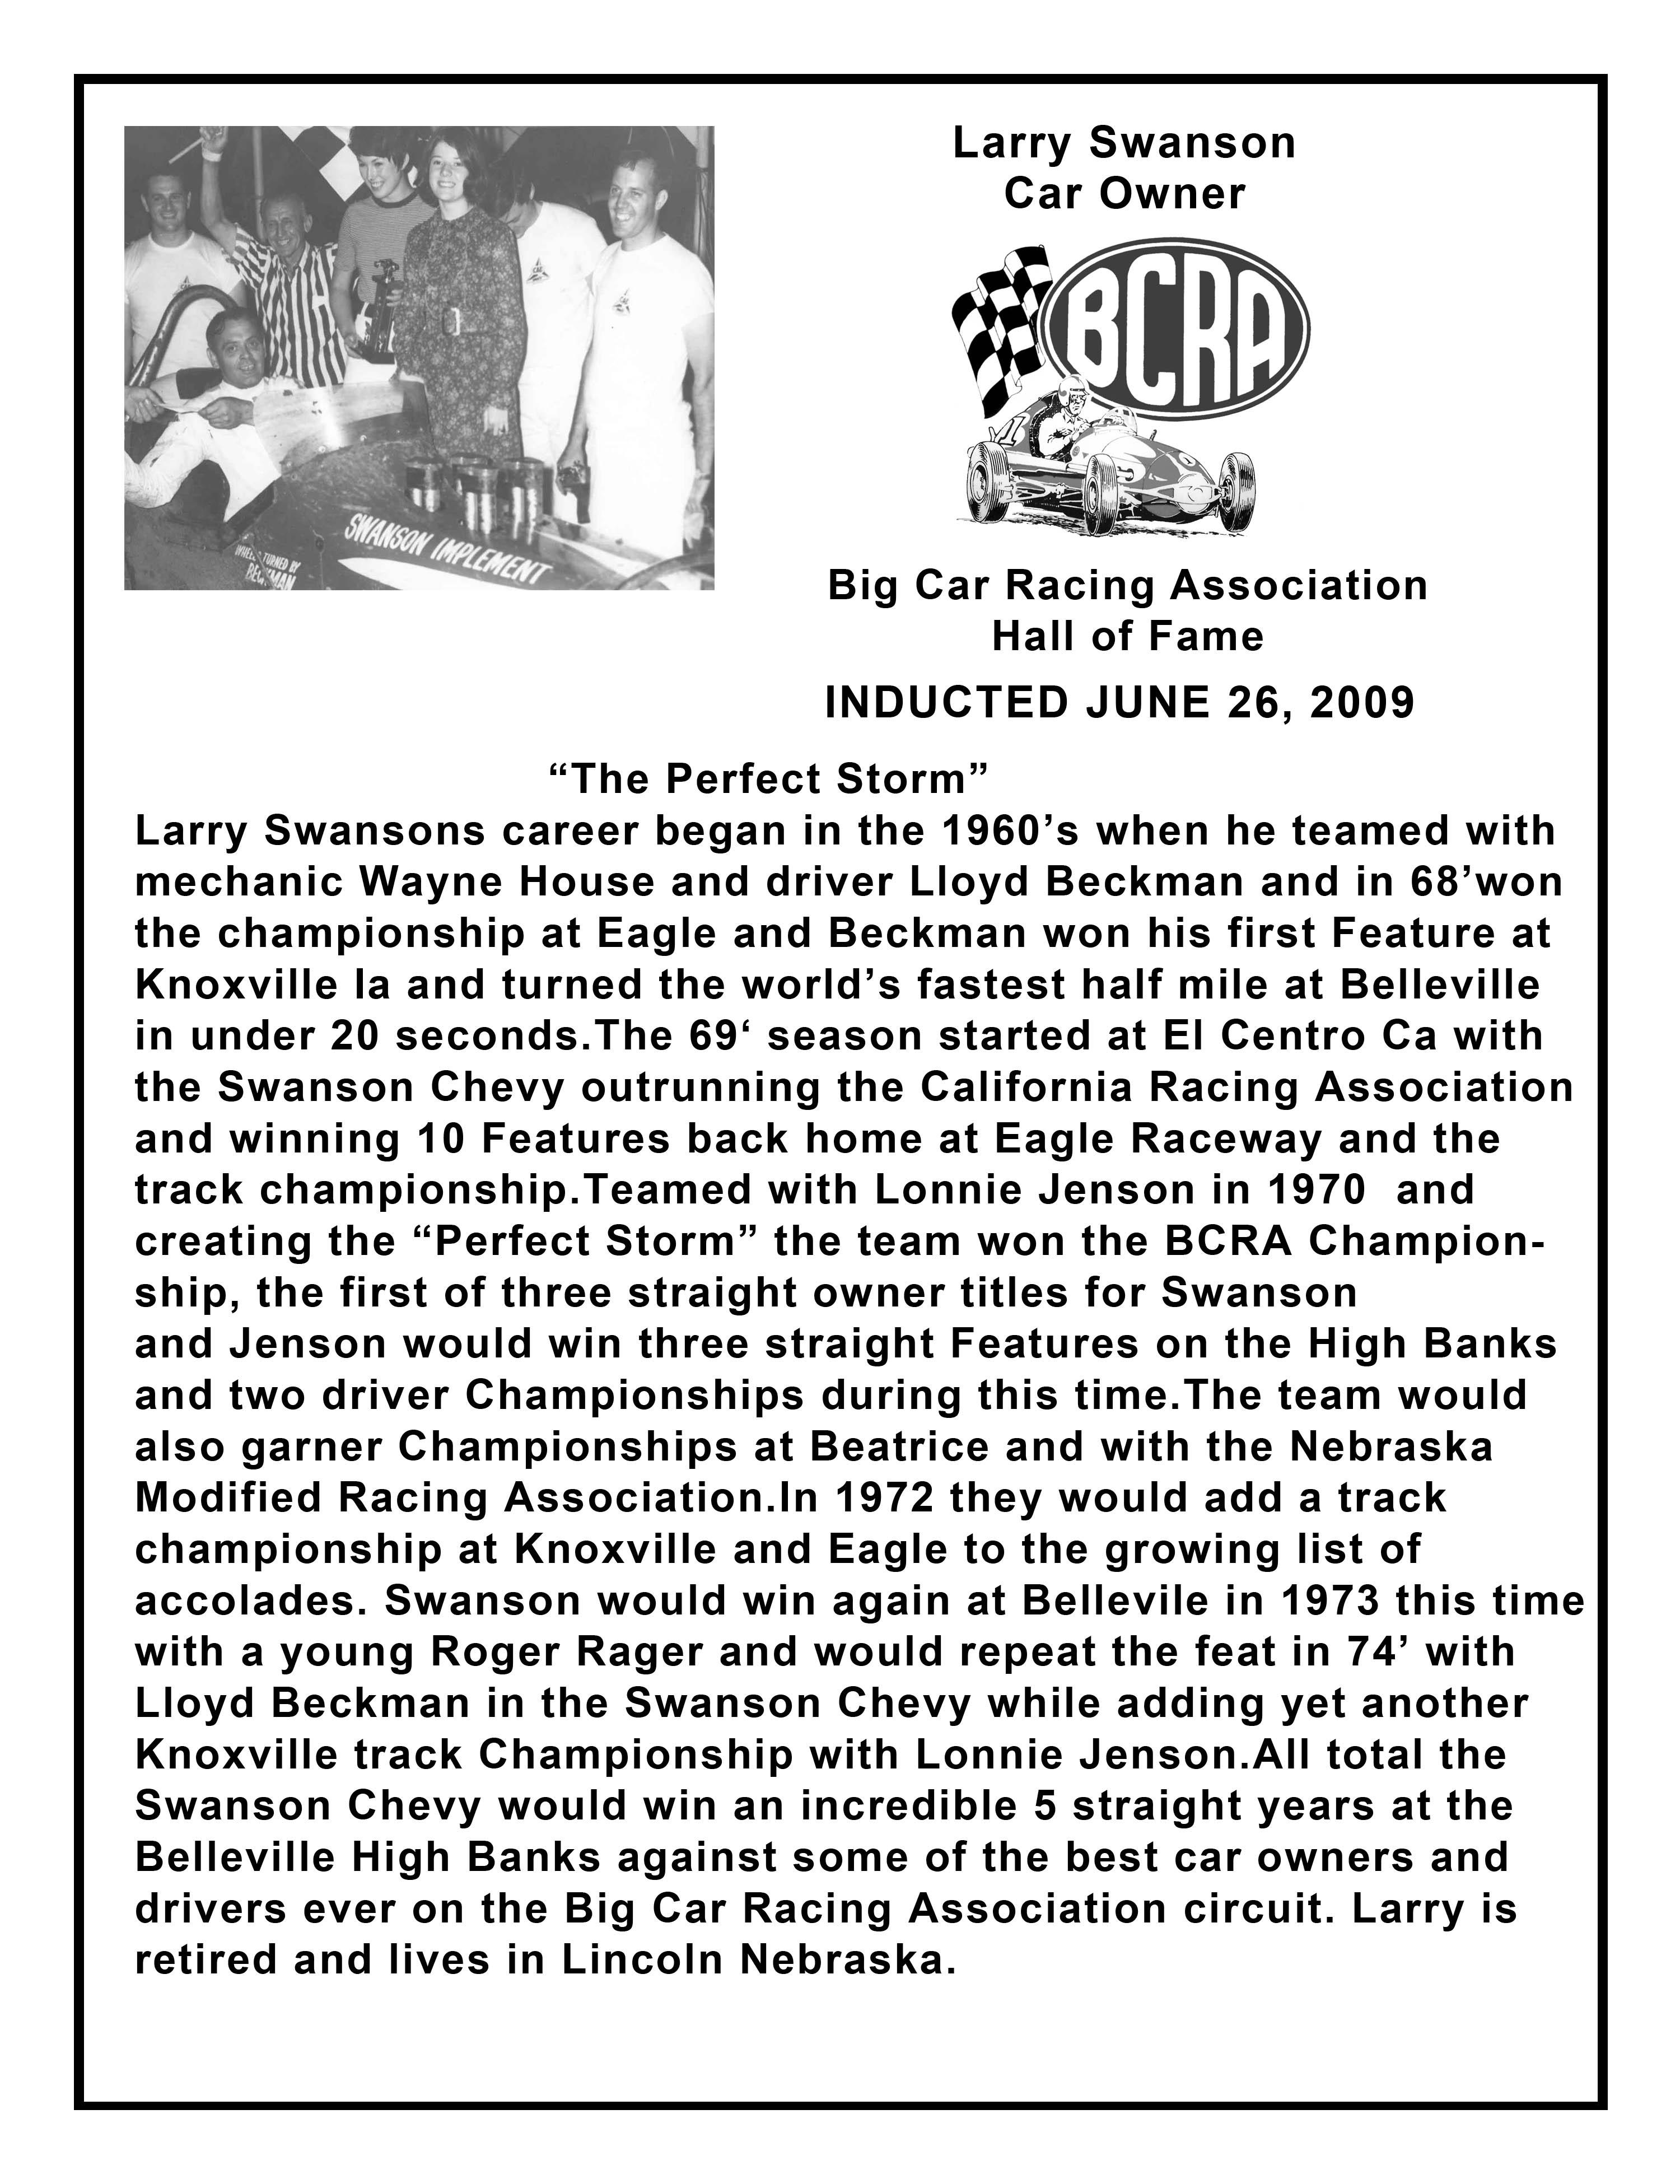 Larry Swanson plaque copy